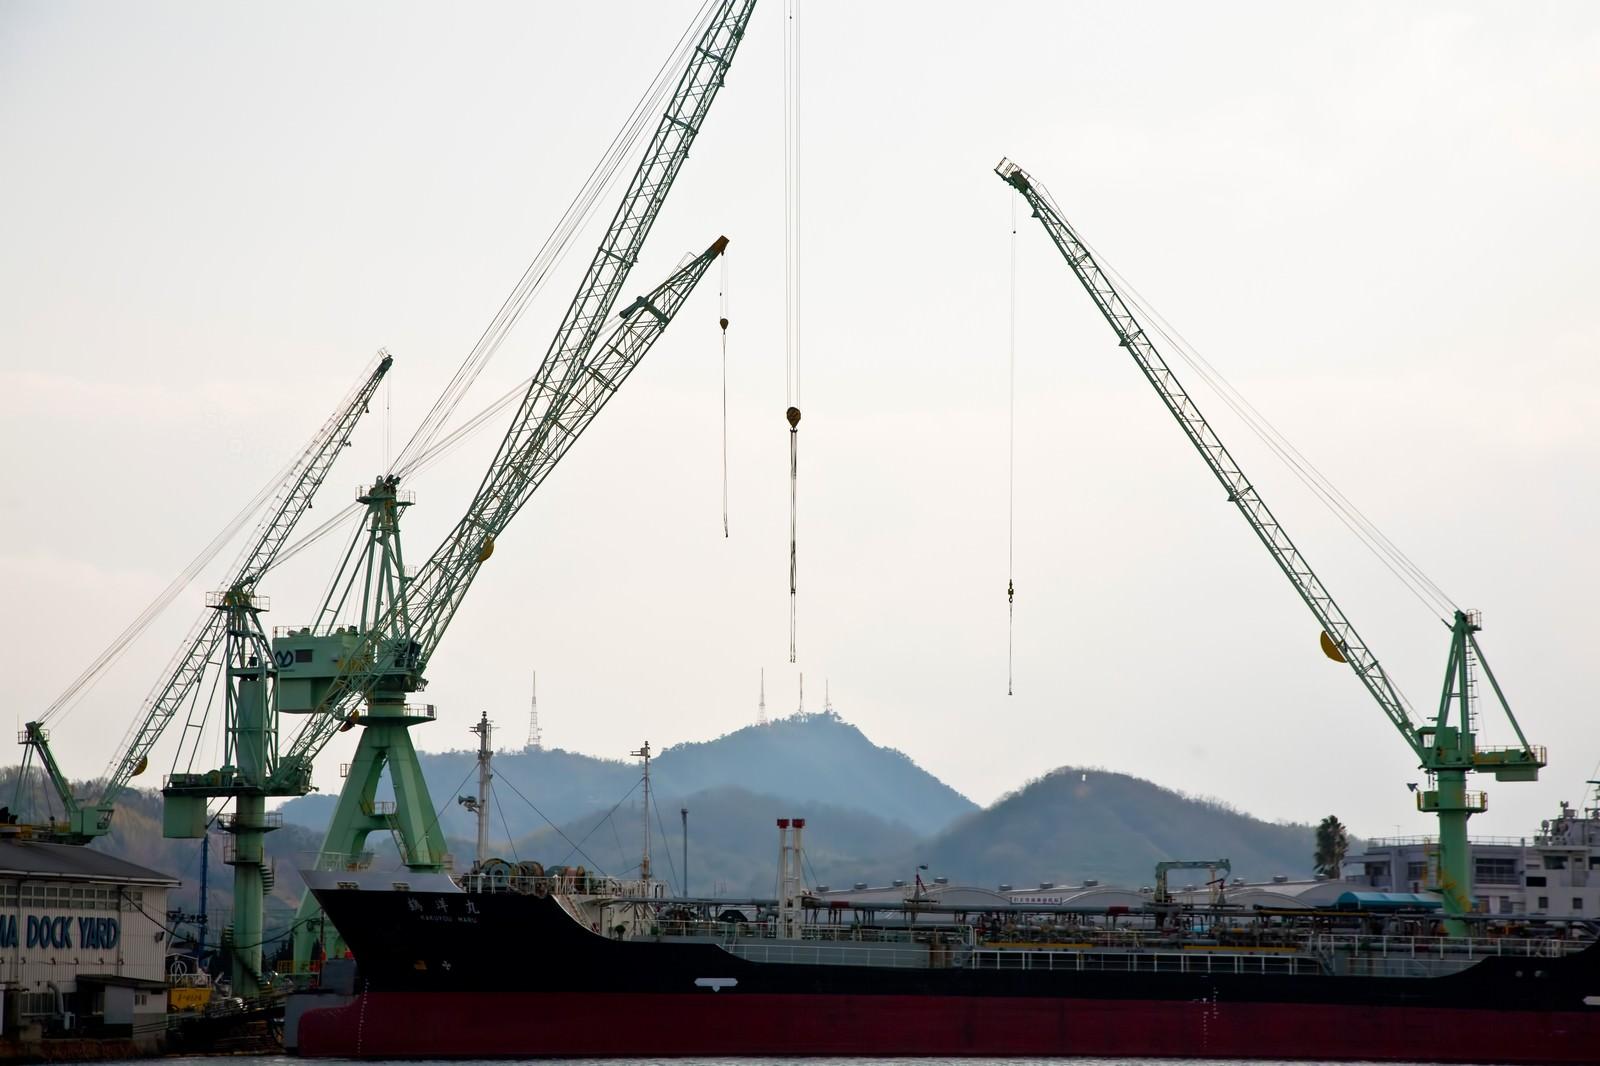 「尾道の造船所」の写真